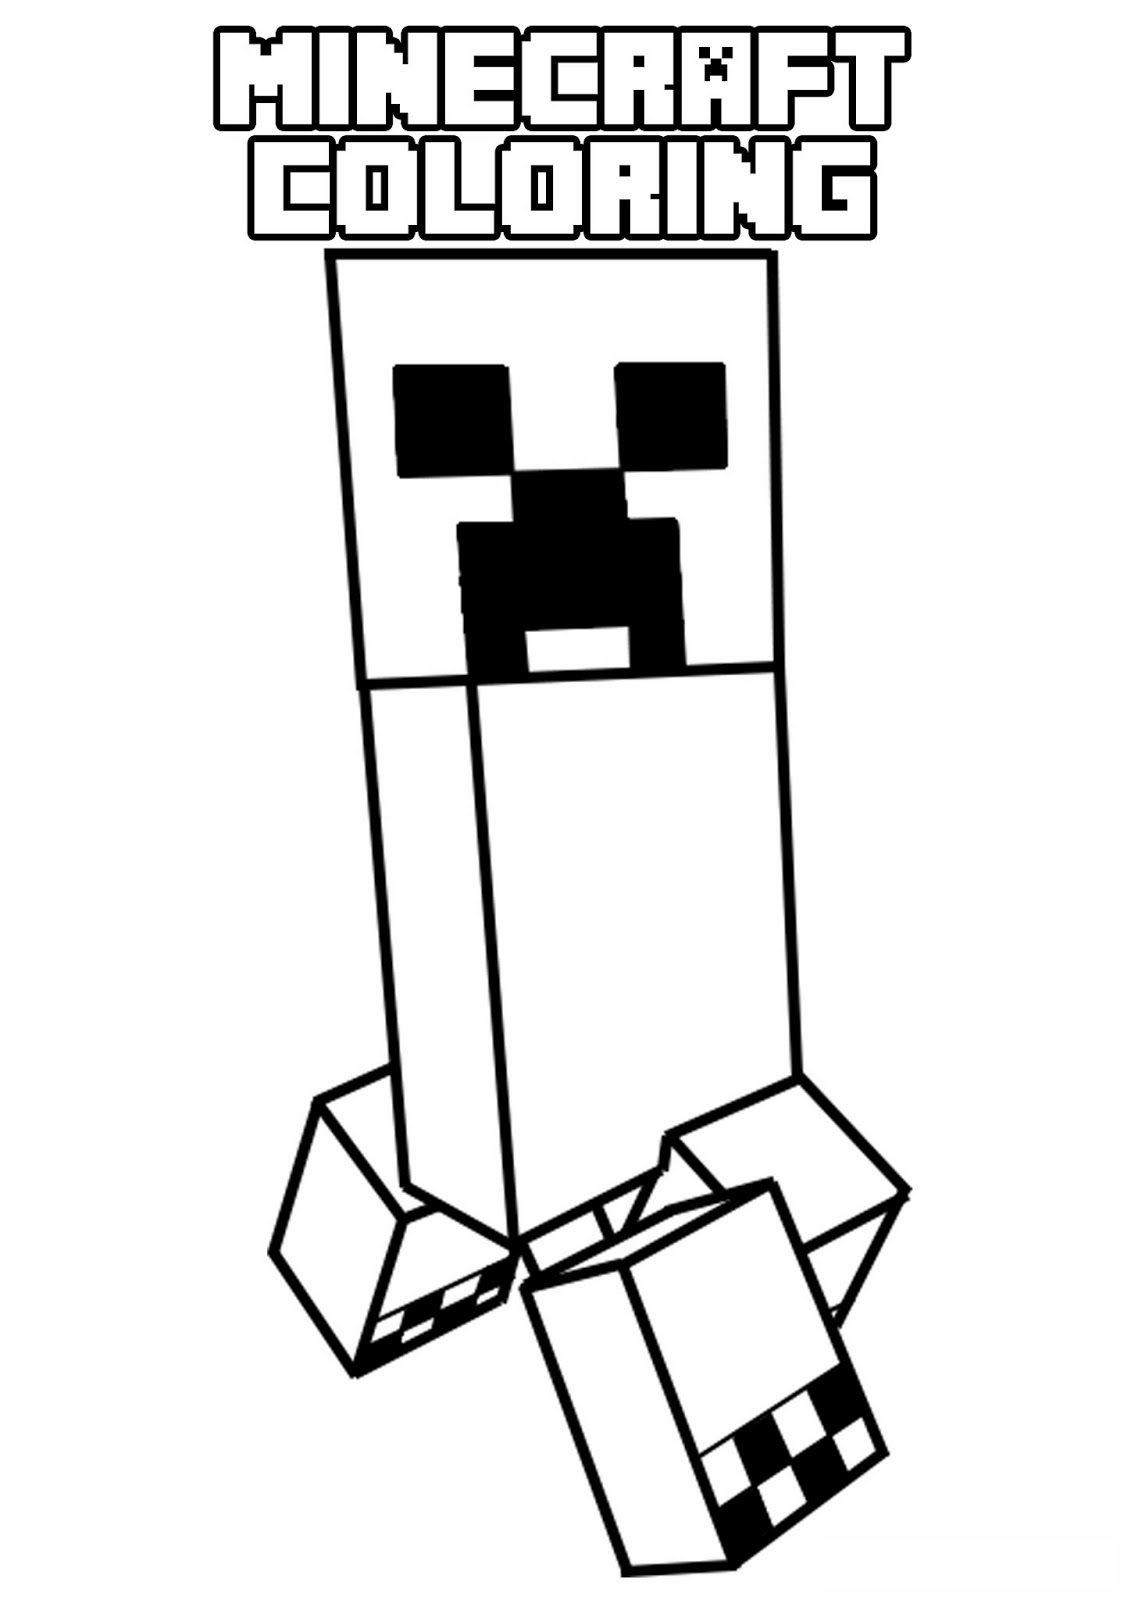 Dessin Coloriage Minecraft A Imprimer   Des Milliers de Coloriage Imprimable Gratuit Images HD ...